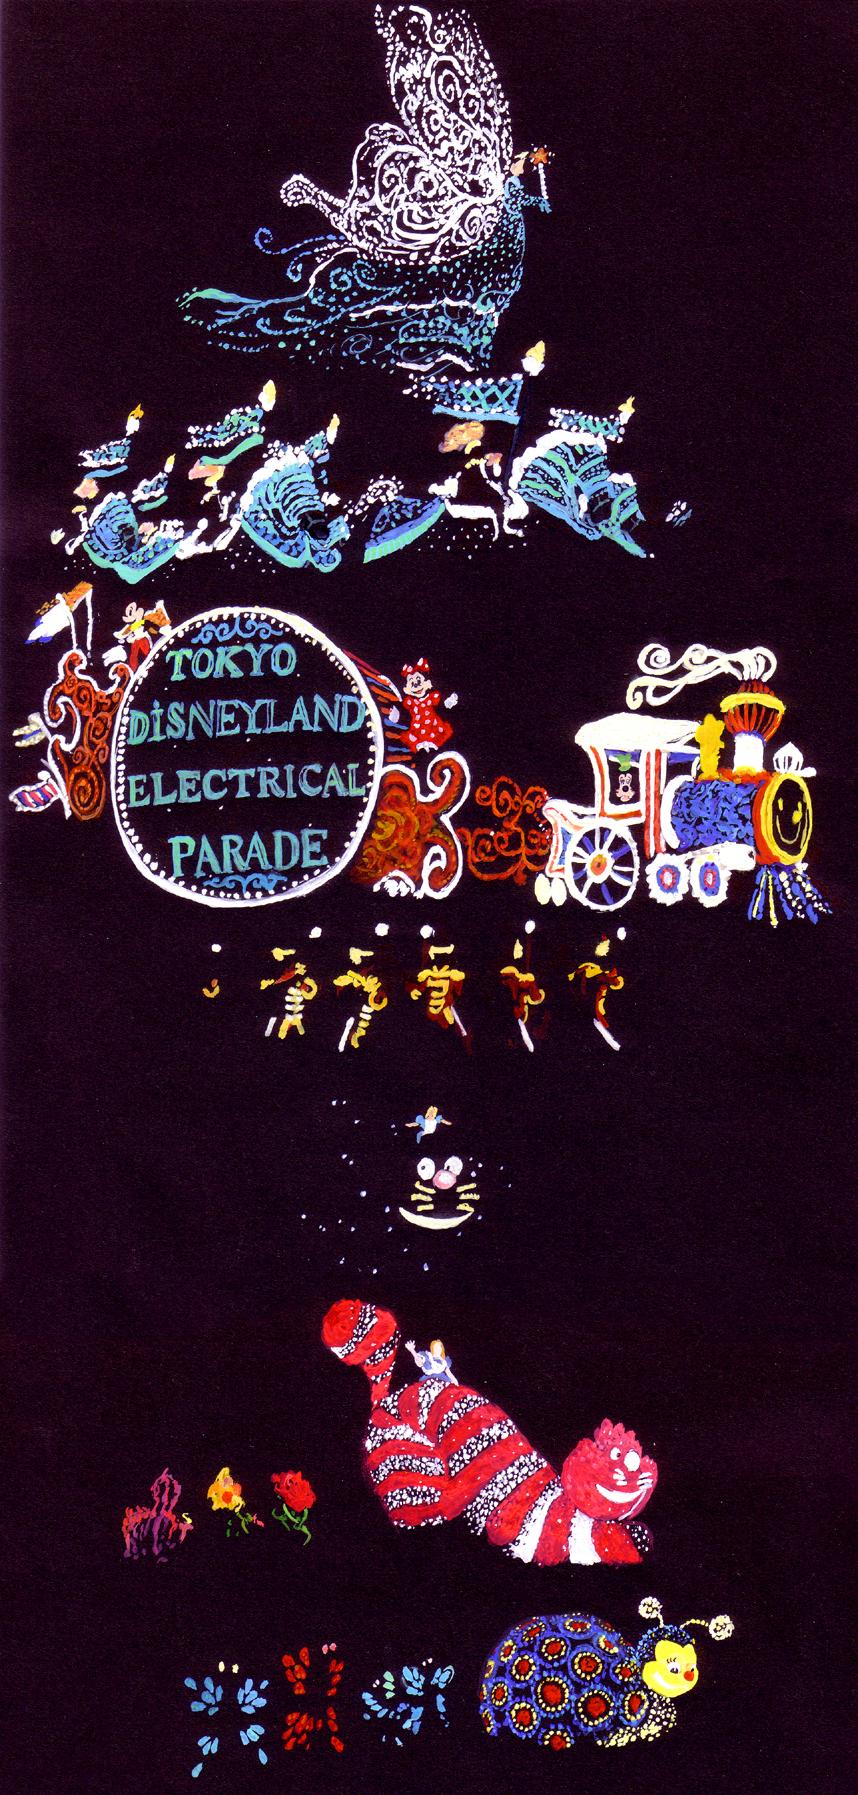 Electrical Parade  Tokyo / Disney Land ディズニーランドのエレクトリカル・パレード。キラキラ、きらきら‥ Size: 181 x 380mm